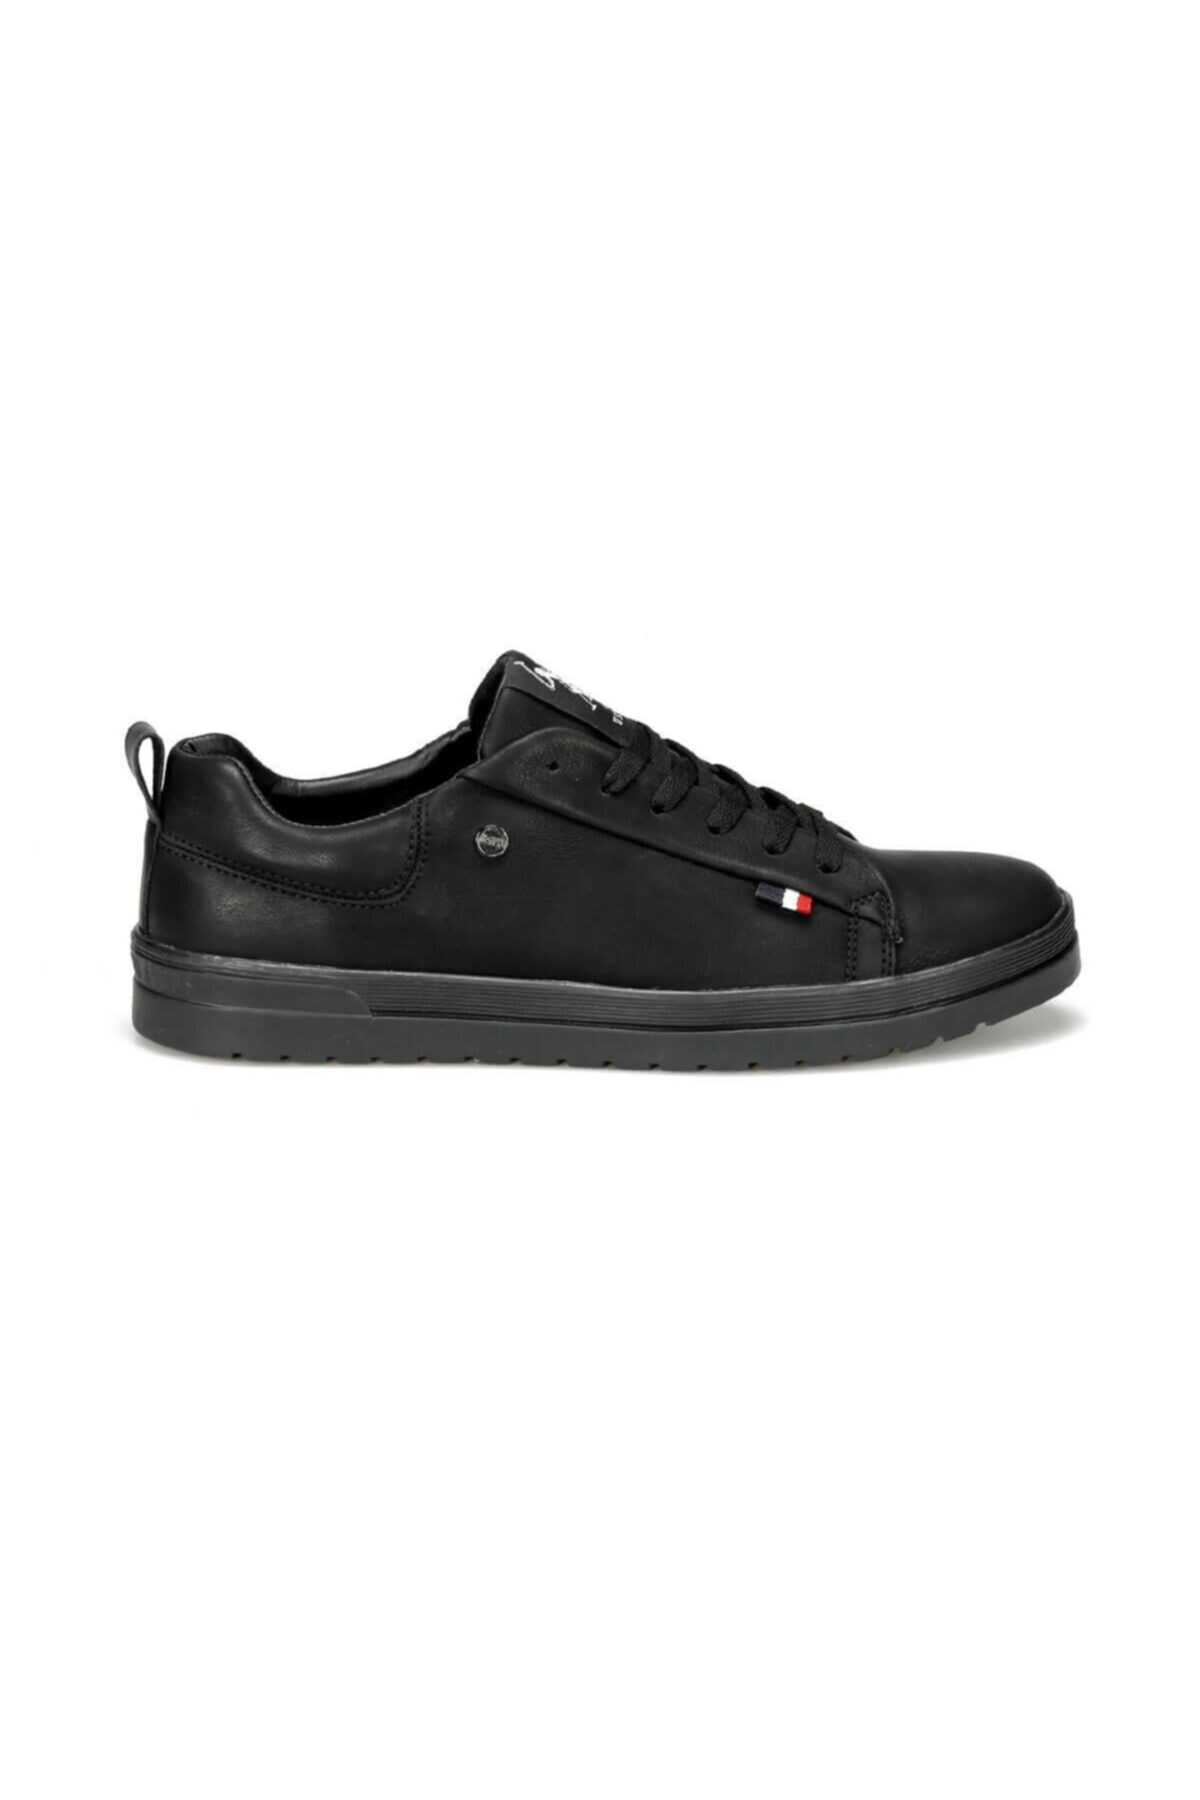 U.S. Polo Assn. NOEL 9PR Siyah Erkek Kalın Taban Sneaker Spor Ayakkabı 100420455 1